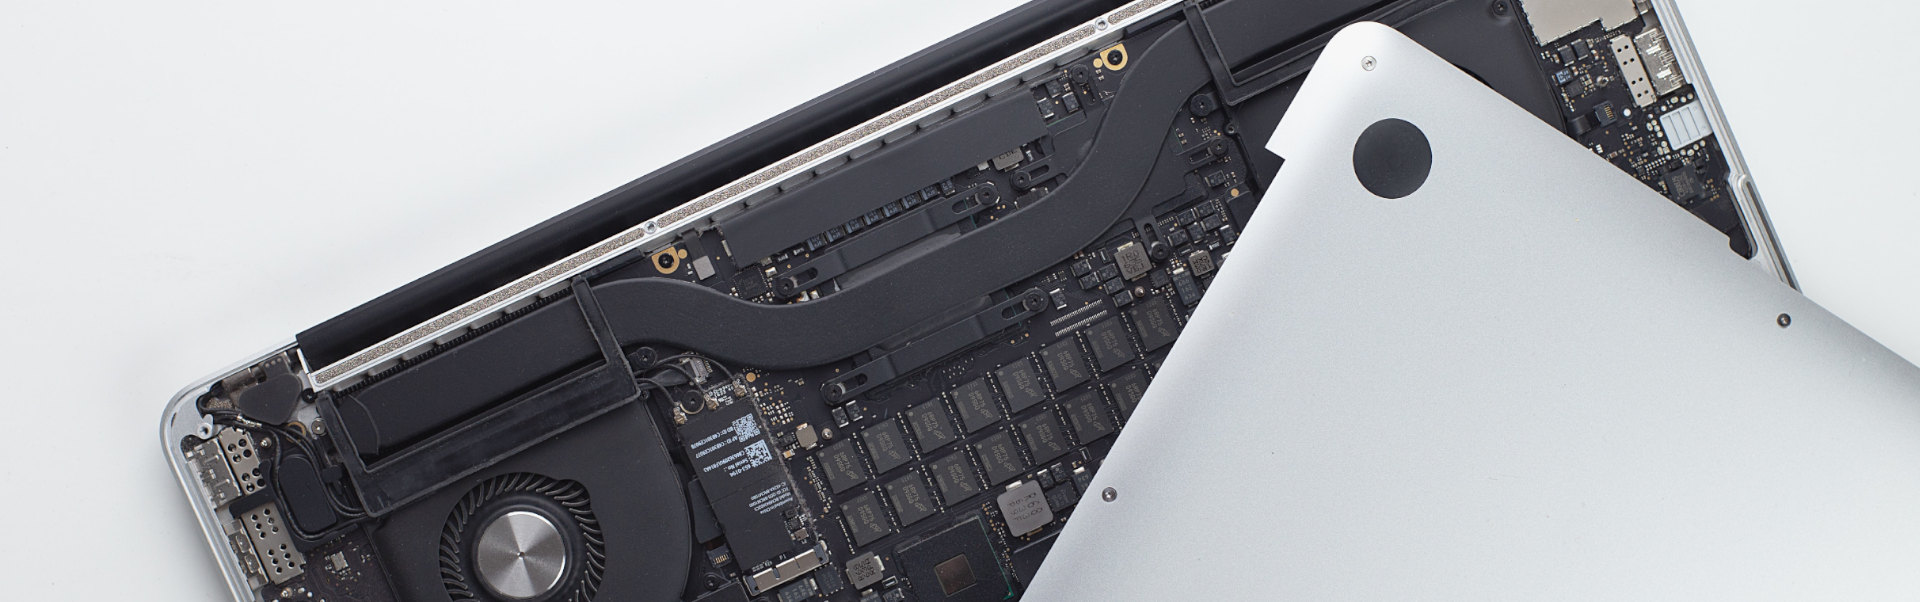 naprawa laptopów puławy